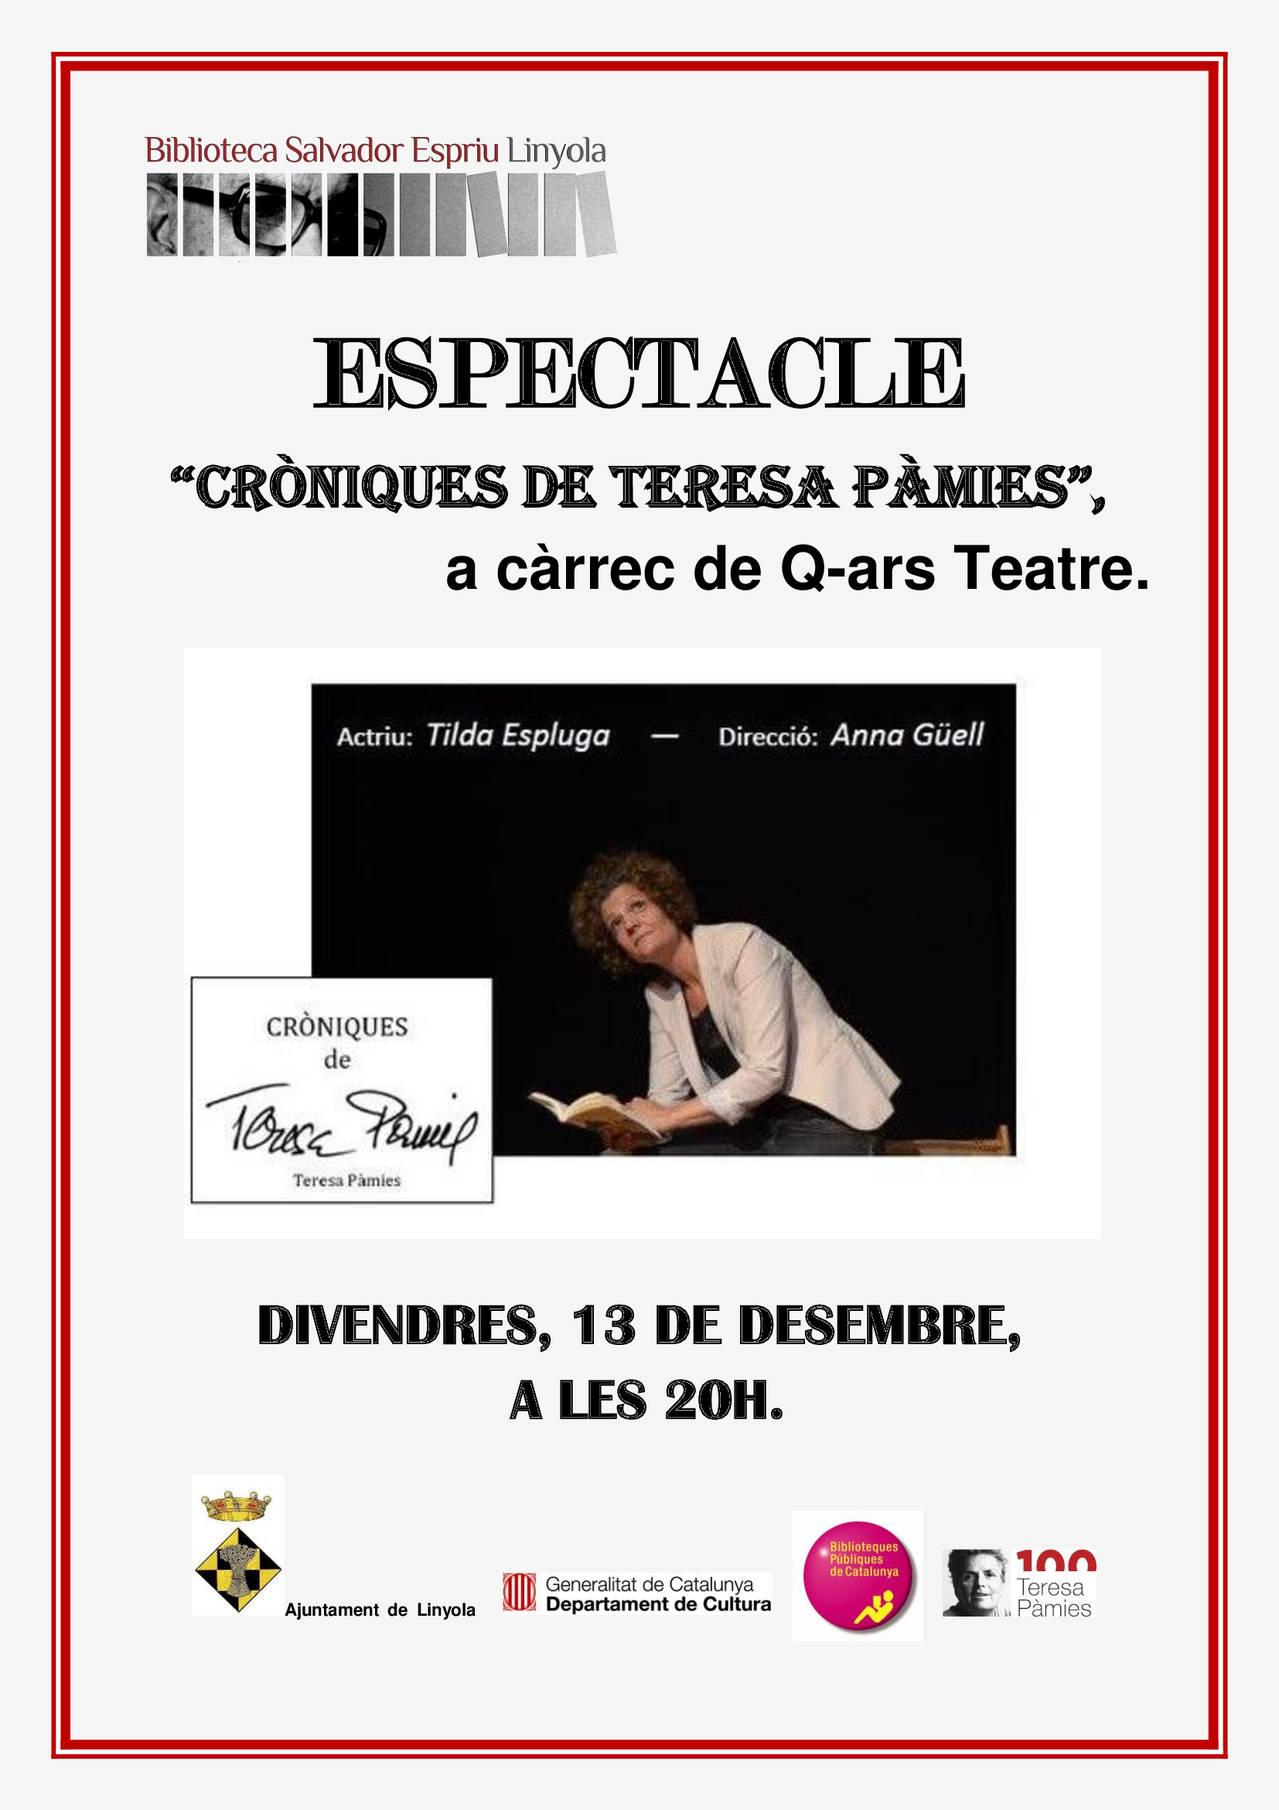 CRÒNIQUES DE TERESA PÀMIES